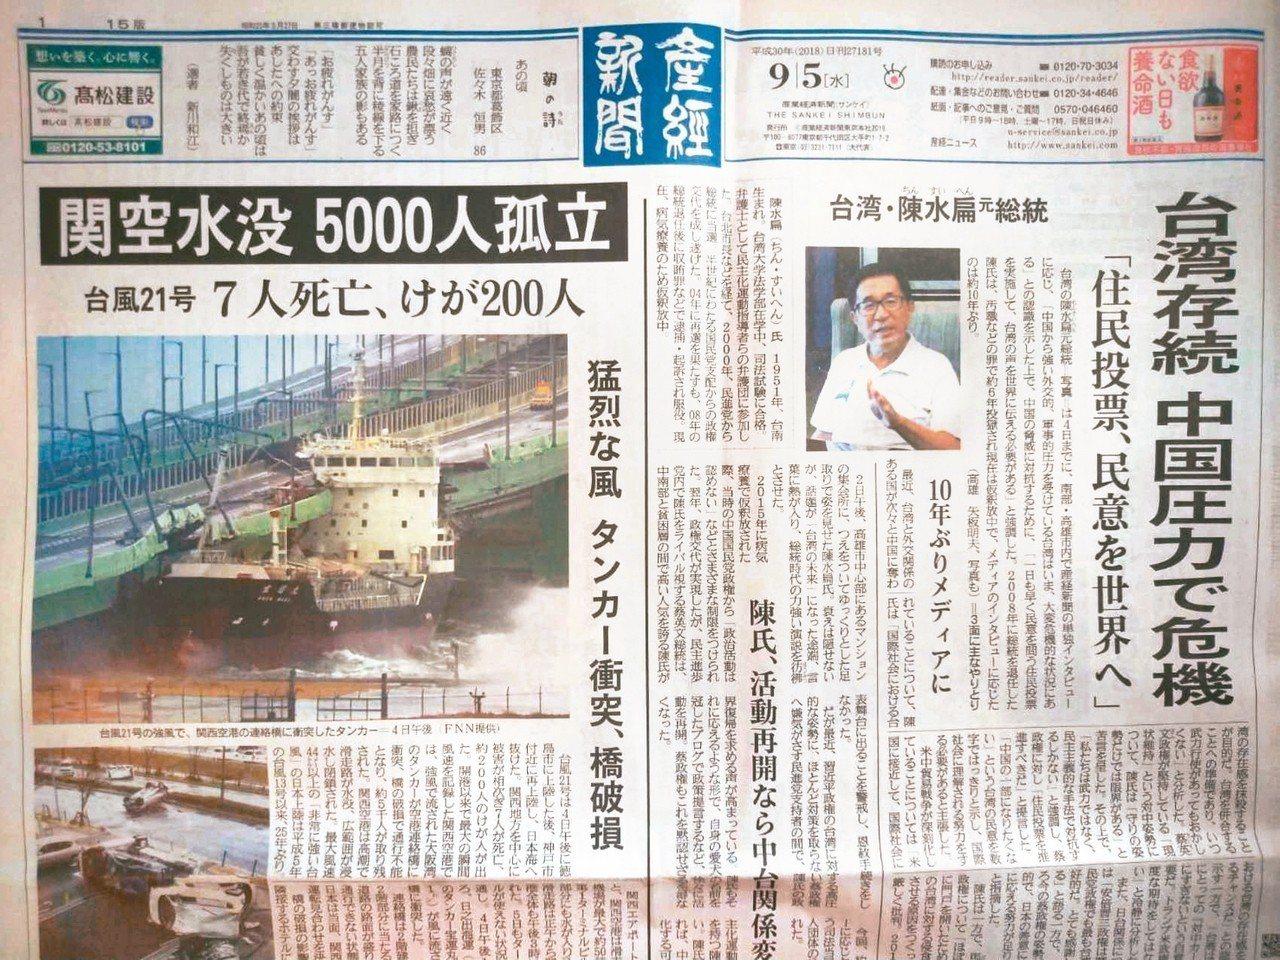 產經新聞今日以頭版頭條搭配照片刊出前總統陳水扁的專訪。 東京記者蔡佩芳/攝影